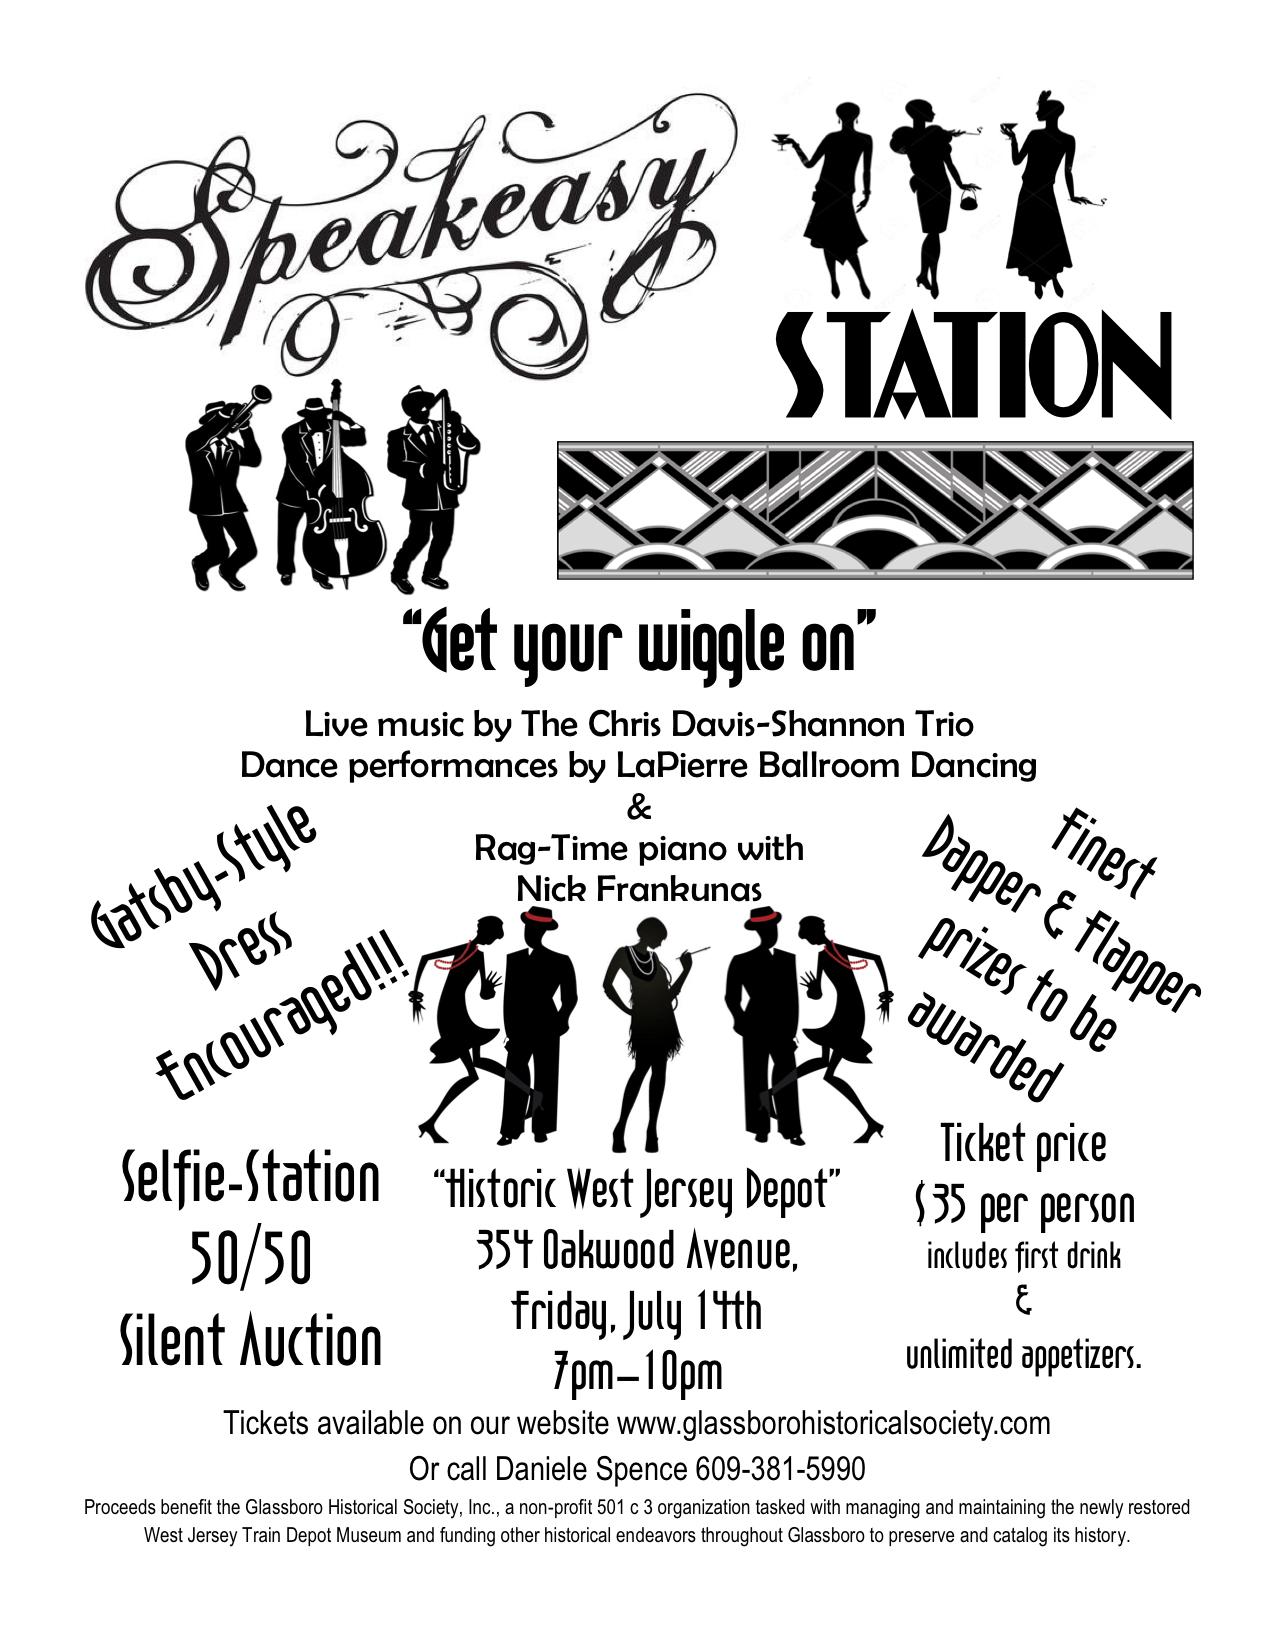 glassboro speakeasy station